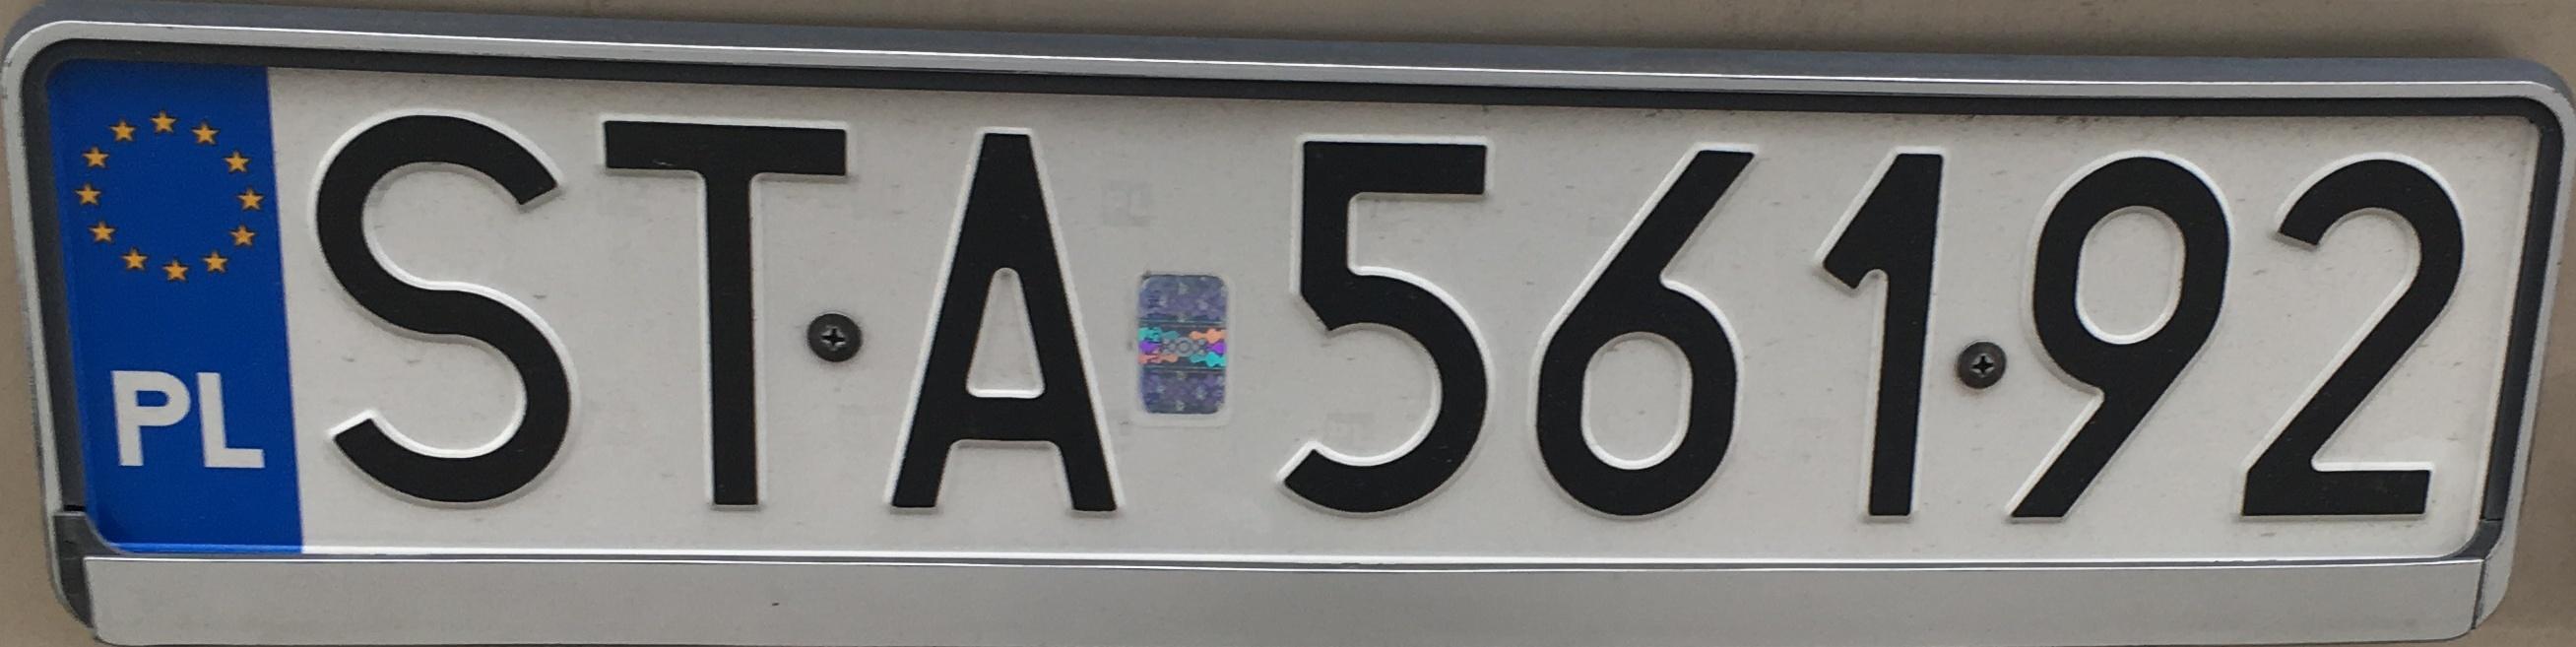 Registrační značka Polsko - STA - Tarnowskie Góry, foto: vlastní